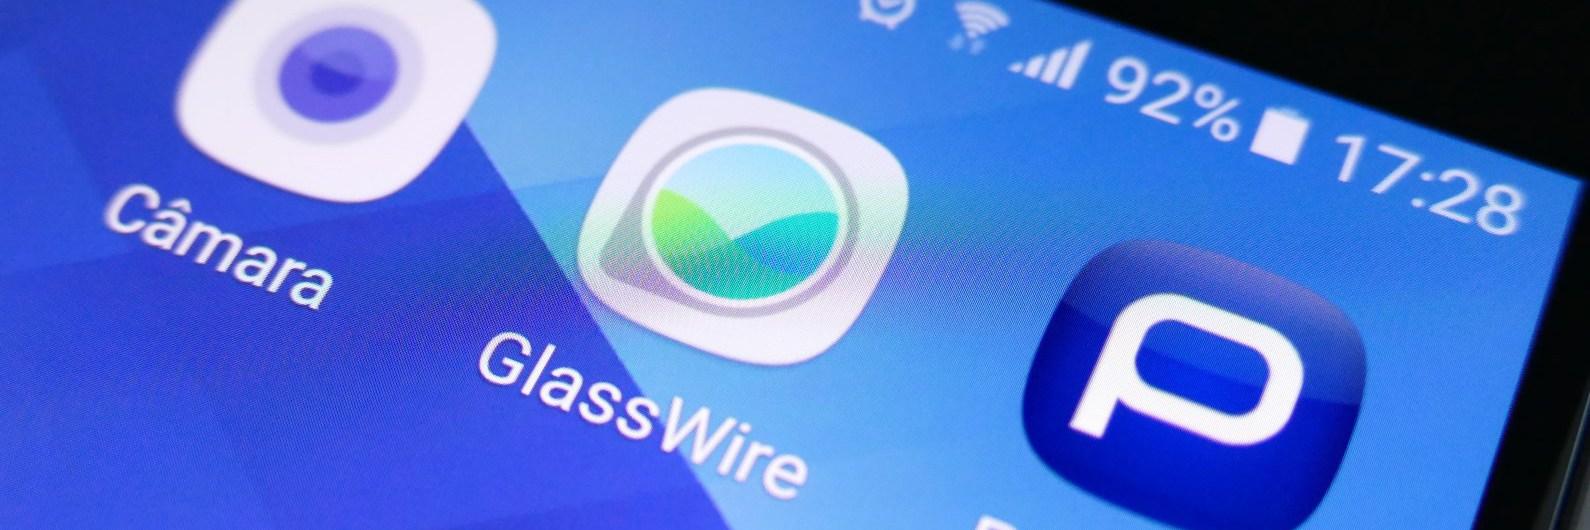 Controle o consumo de dados móveis com esta app